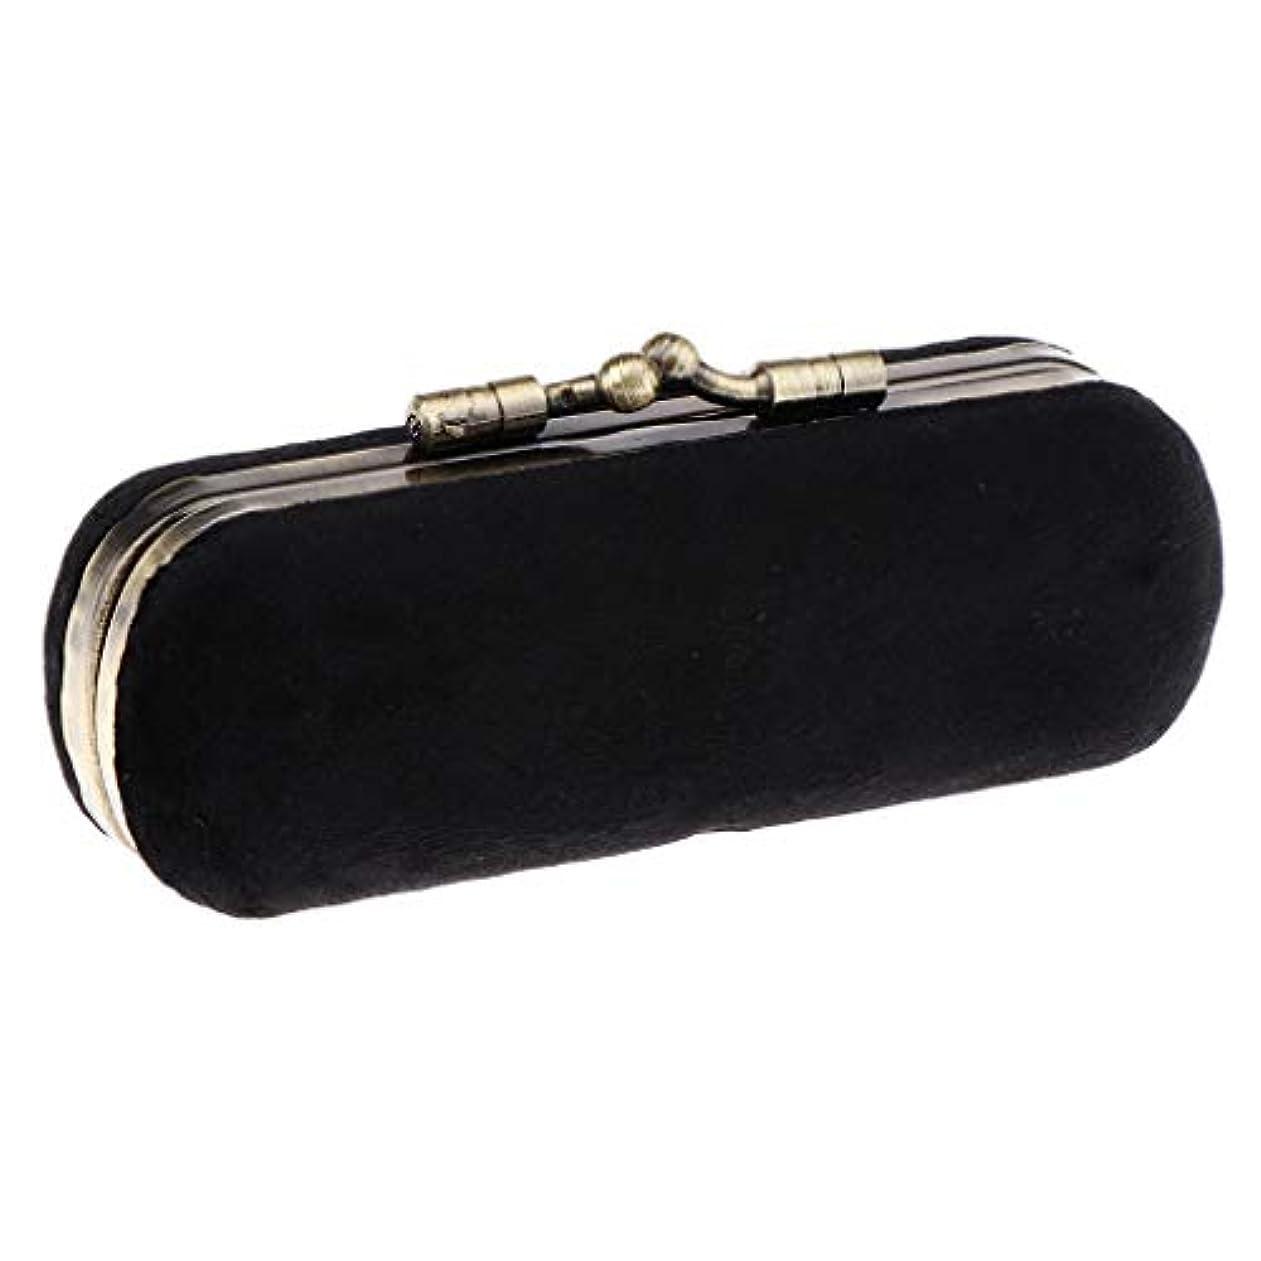 慣れている紀元前聞くSharplace 口紅ホルダー 空箱 メイクボックス 化粧ポーチ 化粧ケース 収納ボックス 全8色 - ブラック